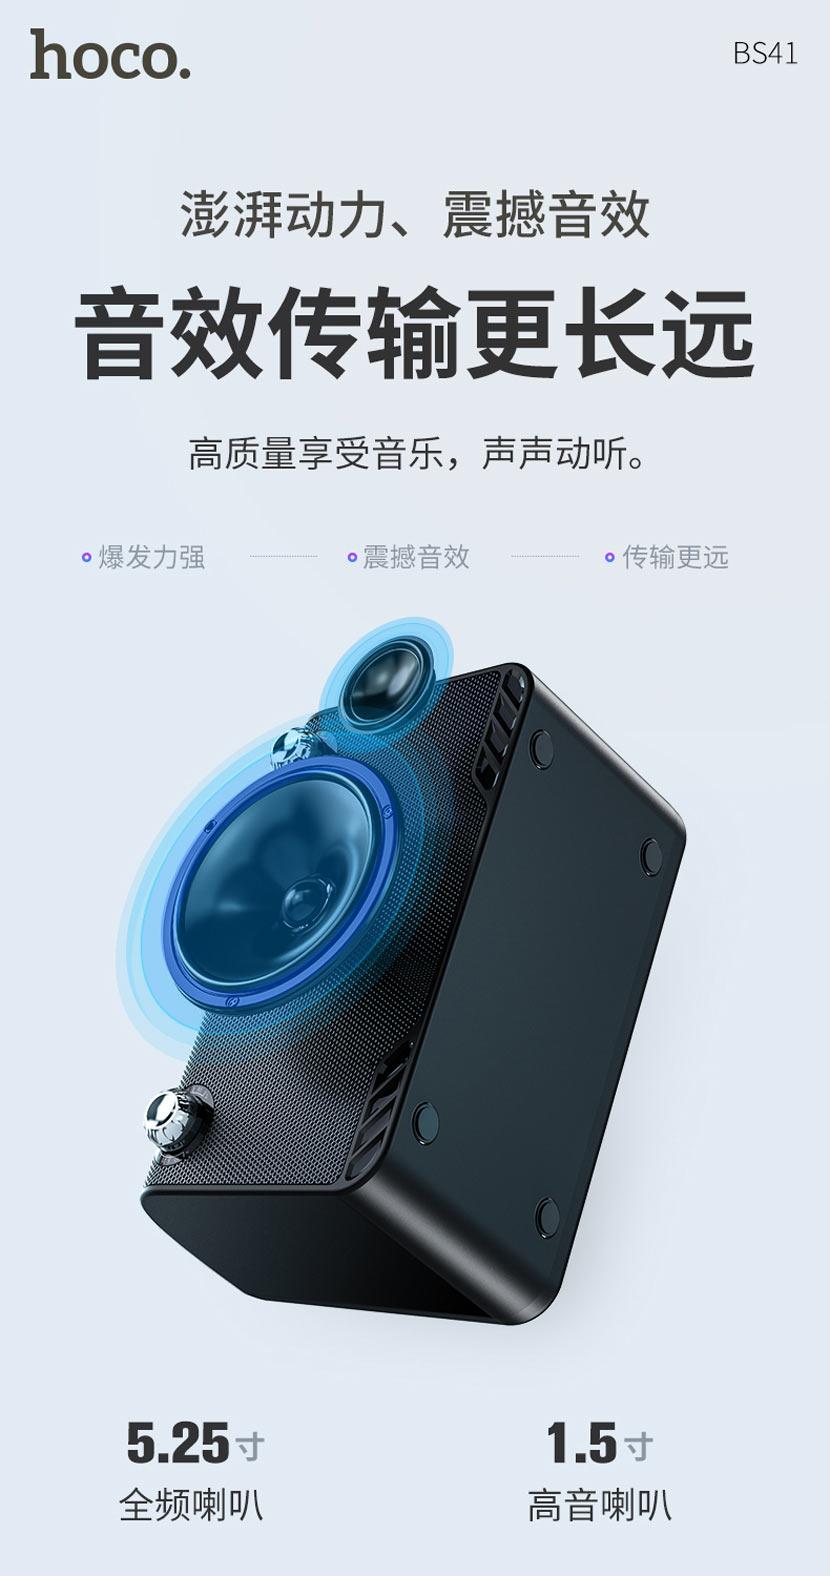 hoco news bs41 warm sound k song wireless speaker effects cn